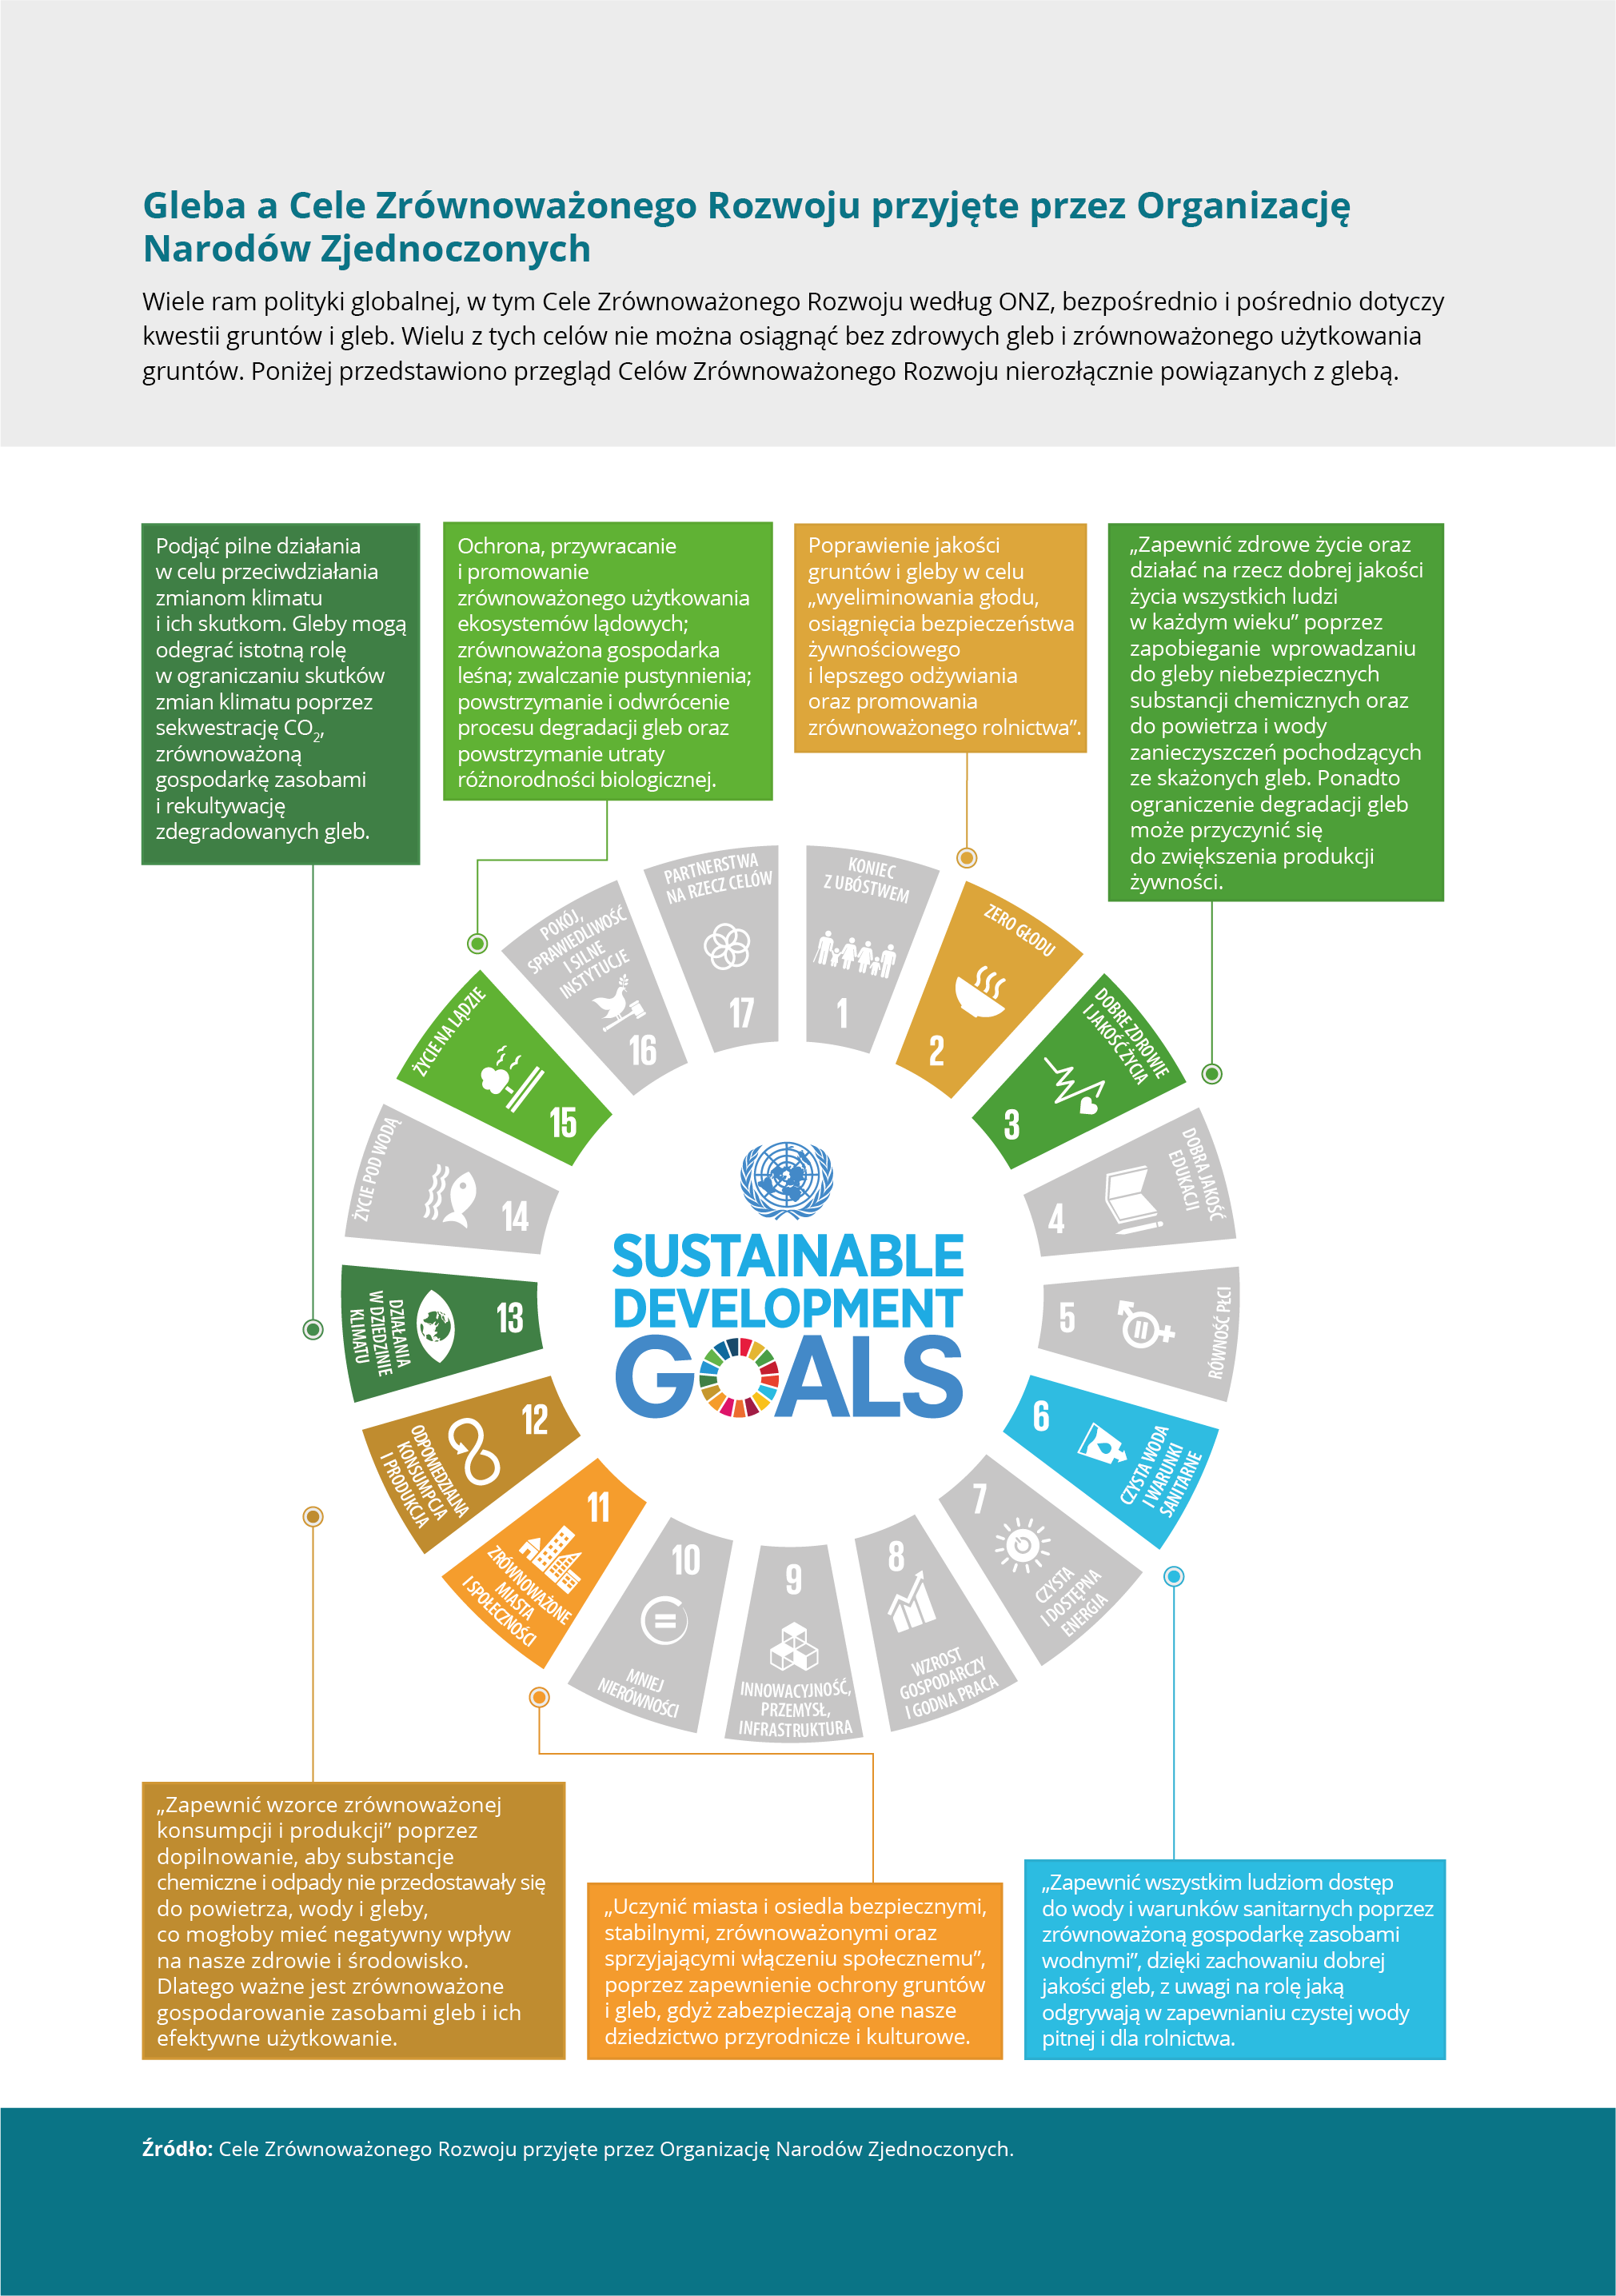 Gleba a Cele Zrównoważonego Rozwoju przyjęte przez Organizację Narodów Zjednoczonych